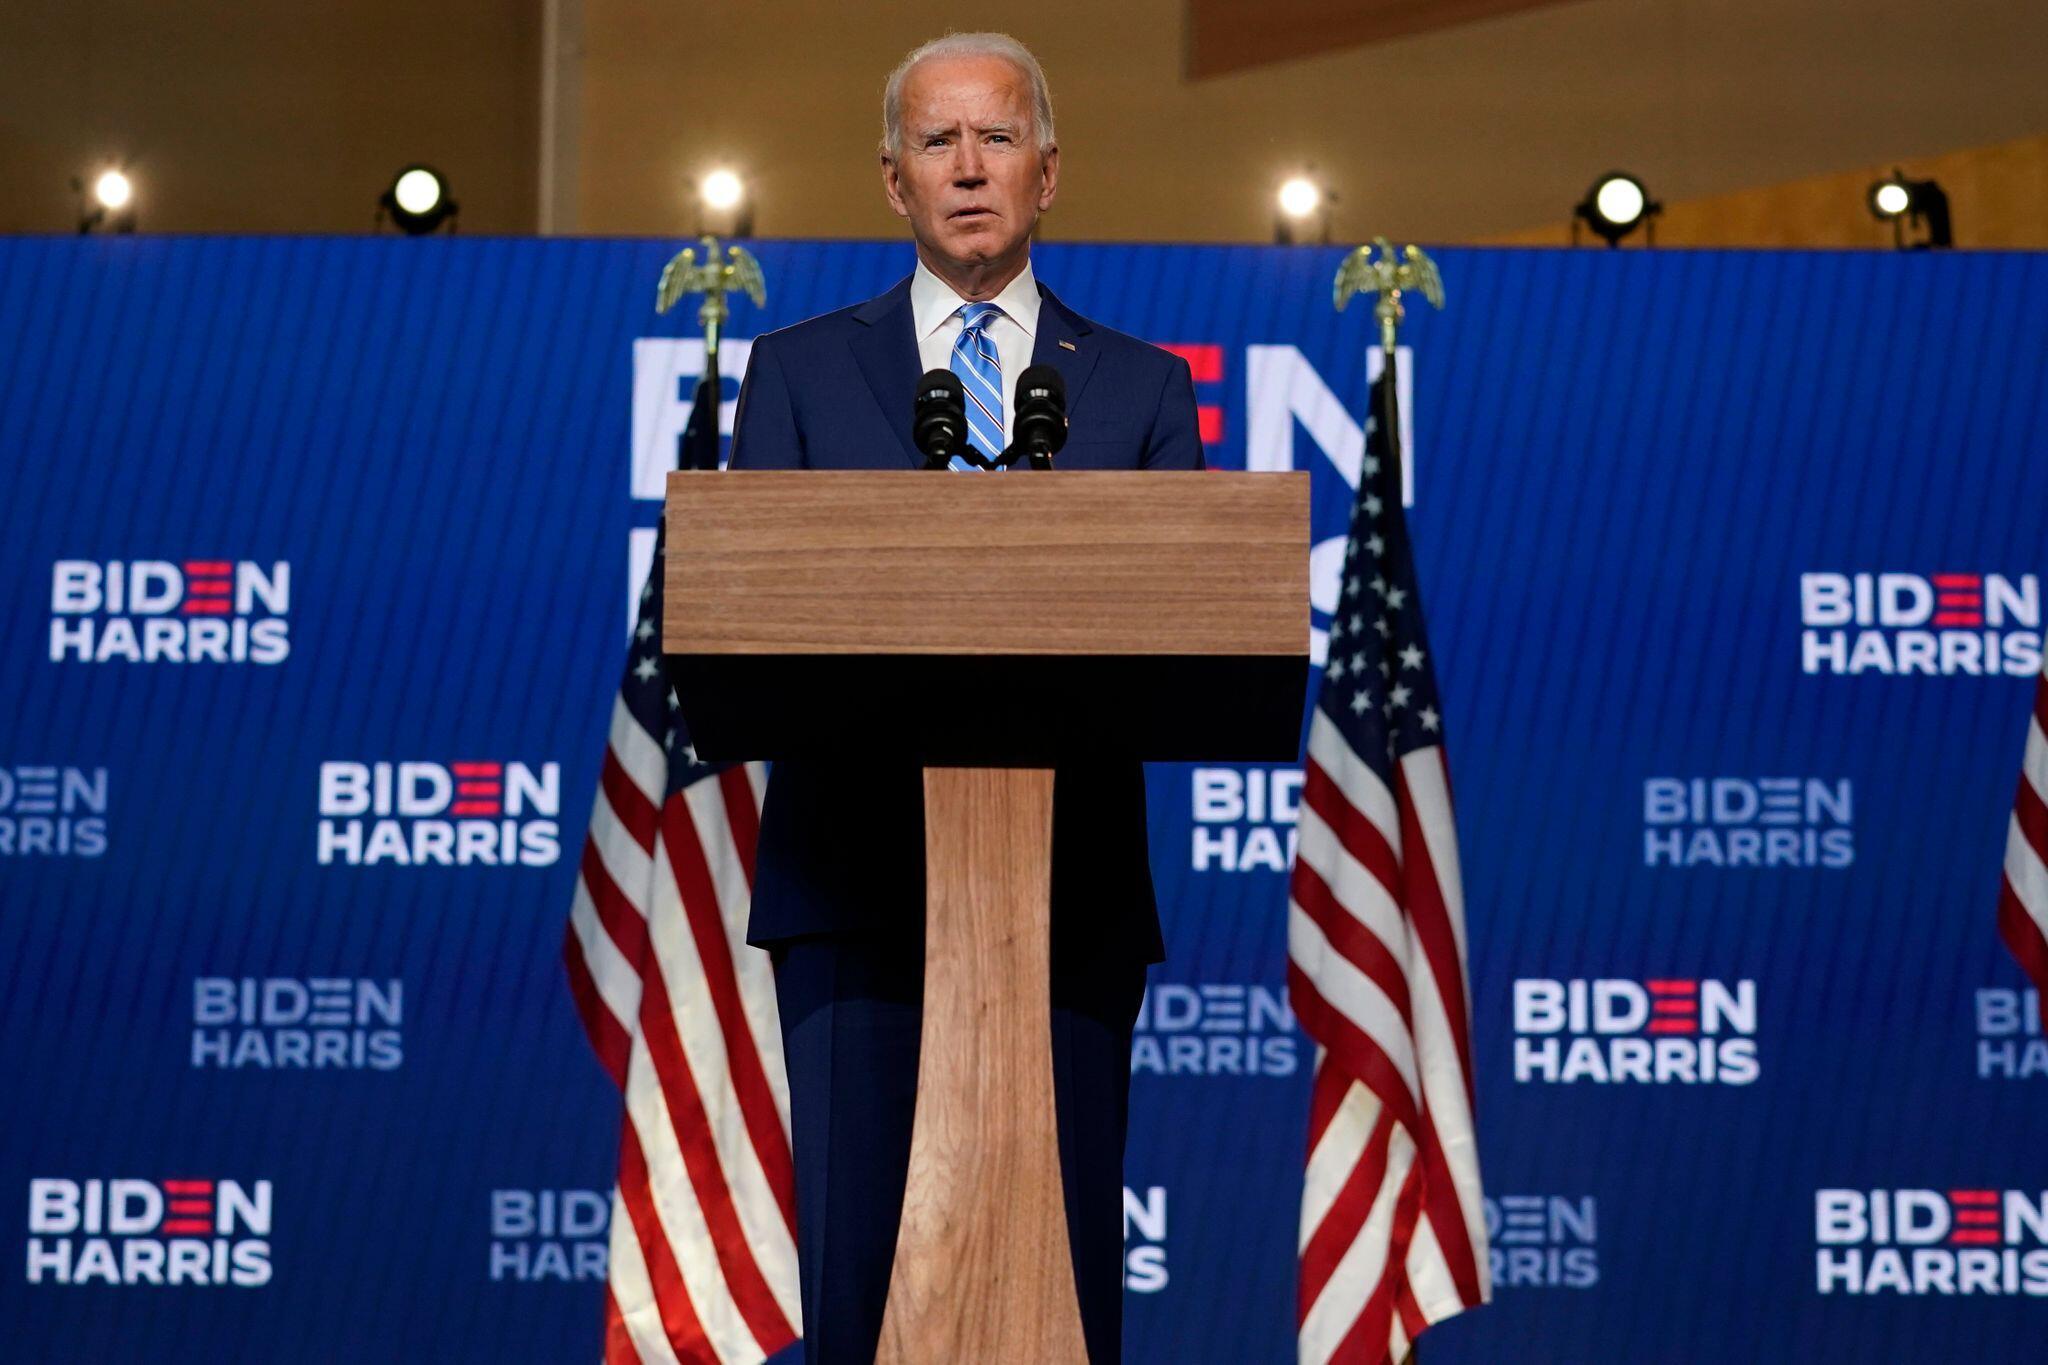 Biden holt Michigan und ist kurz vorm Sieg im US-Wahlkampf